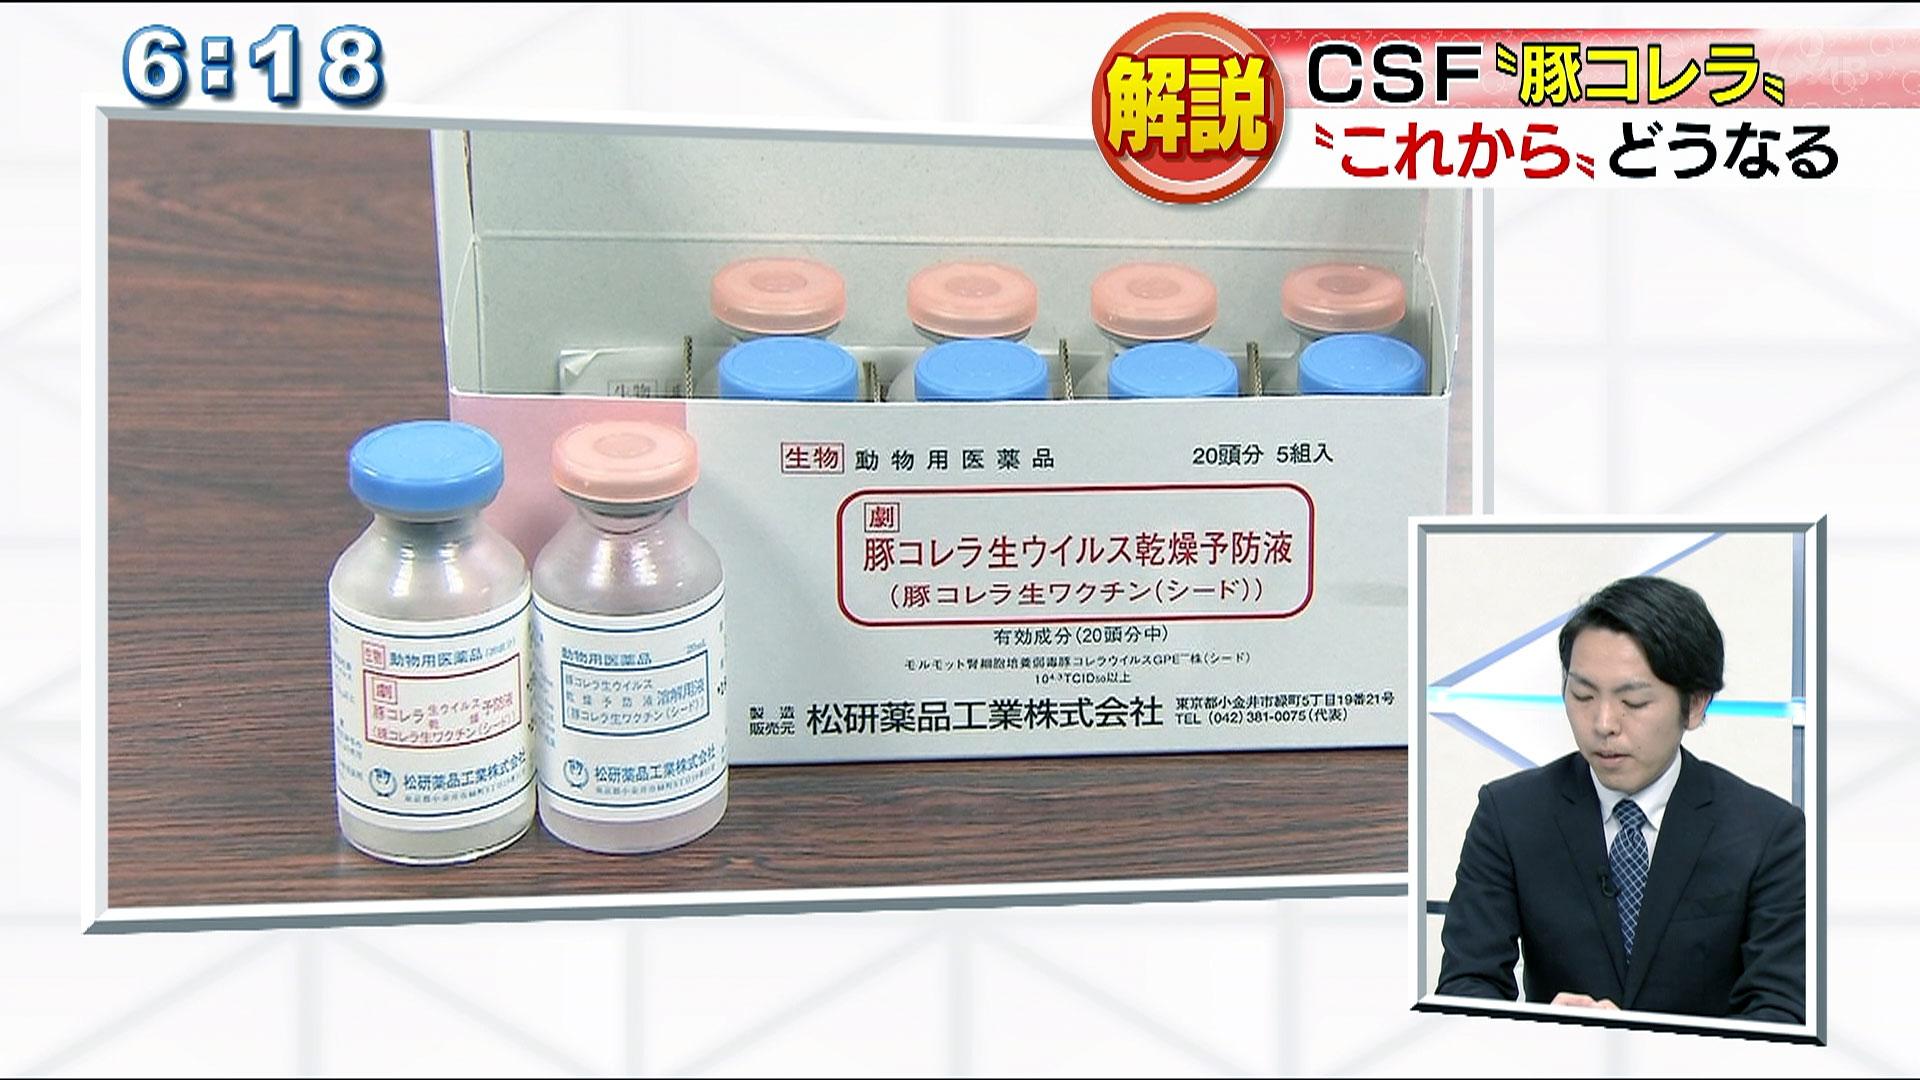 豚コレラ 防疫対策関係者会議